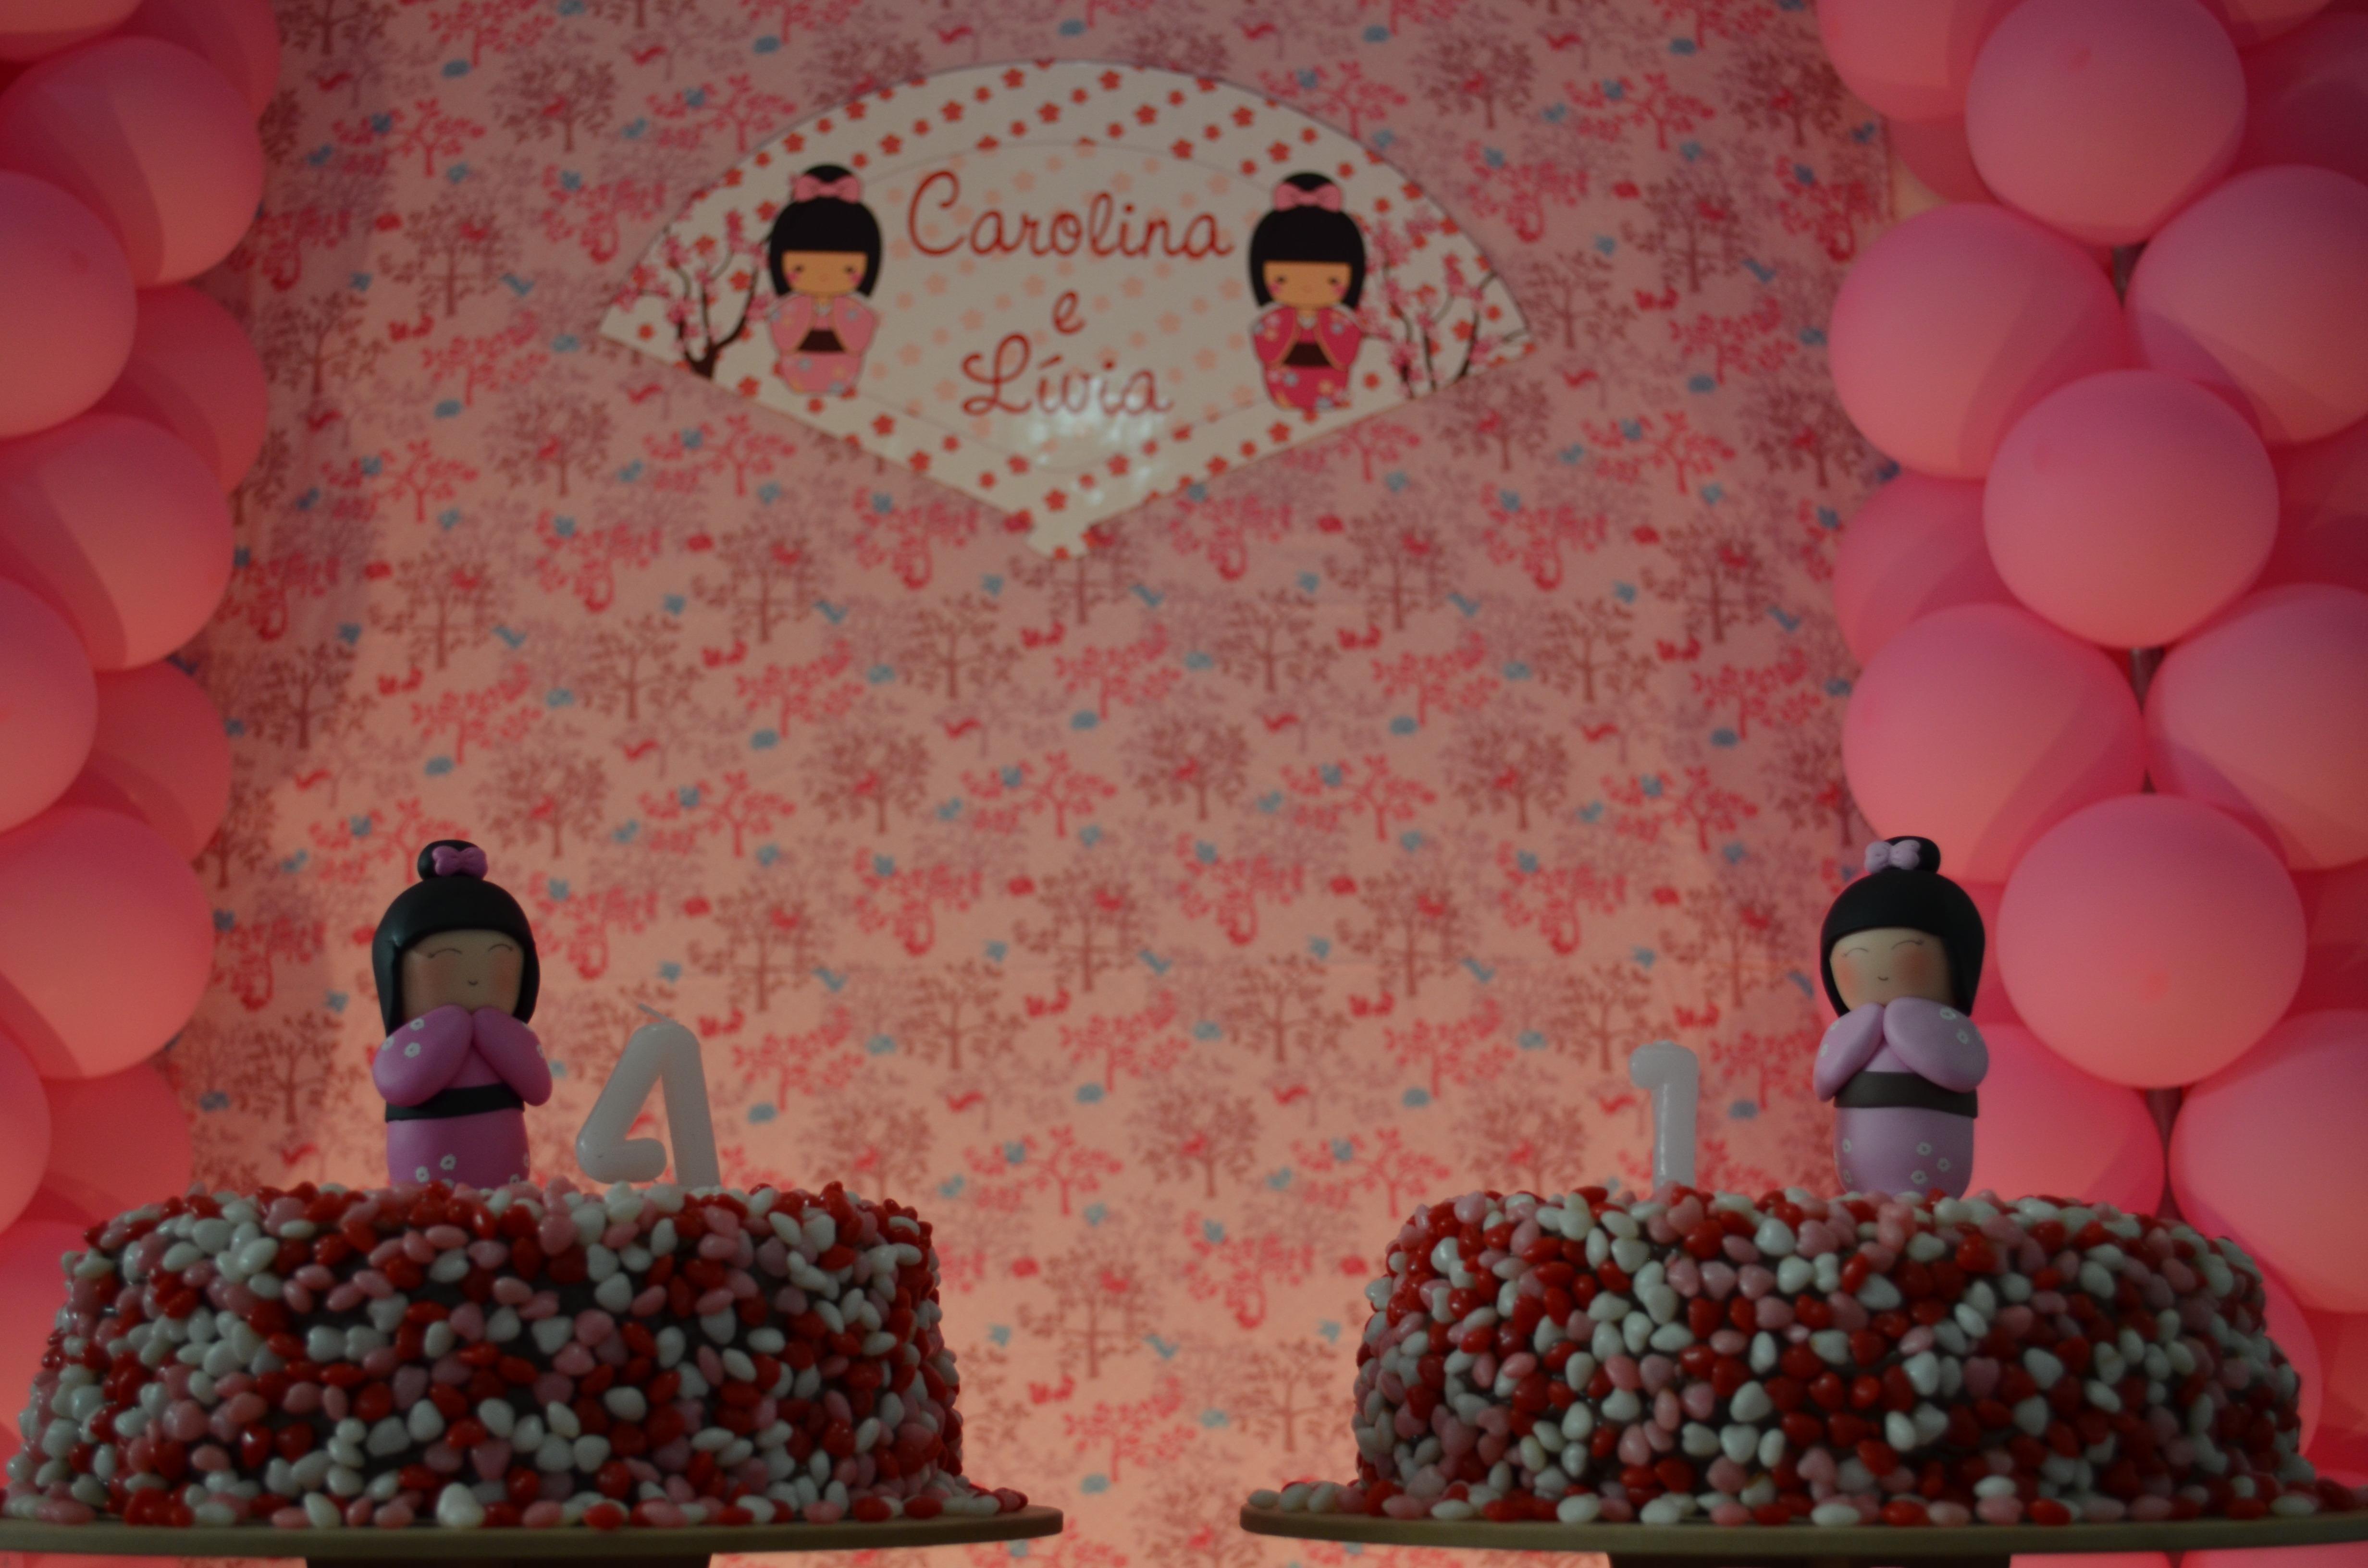 decoracao festa kokeshi:kokeshi enfeite de bolo kokeshi enfeite de bolo kokeshi kokeshi